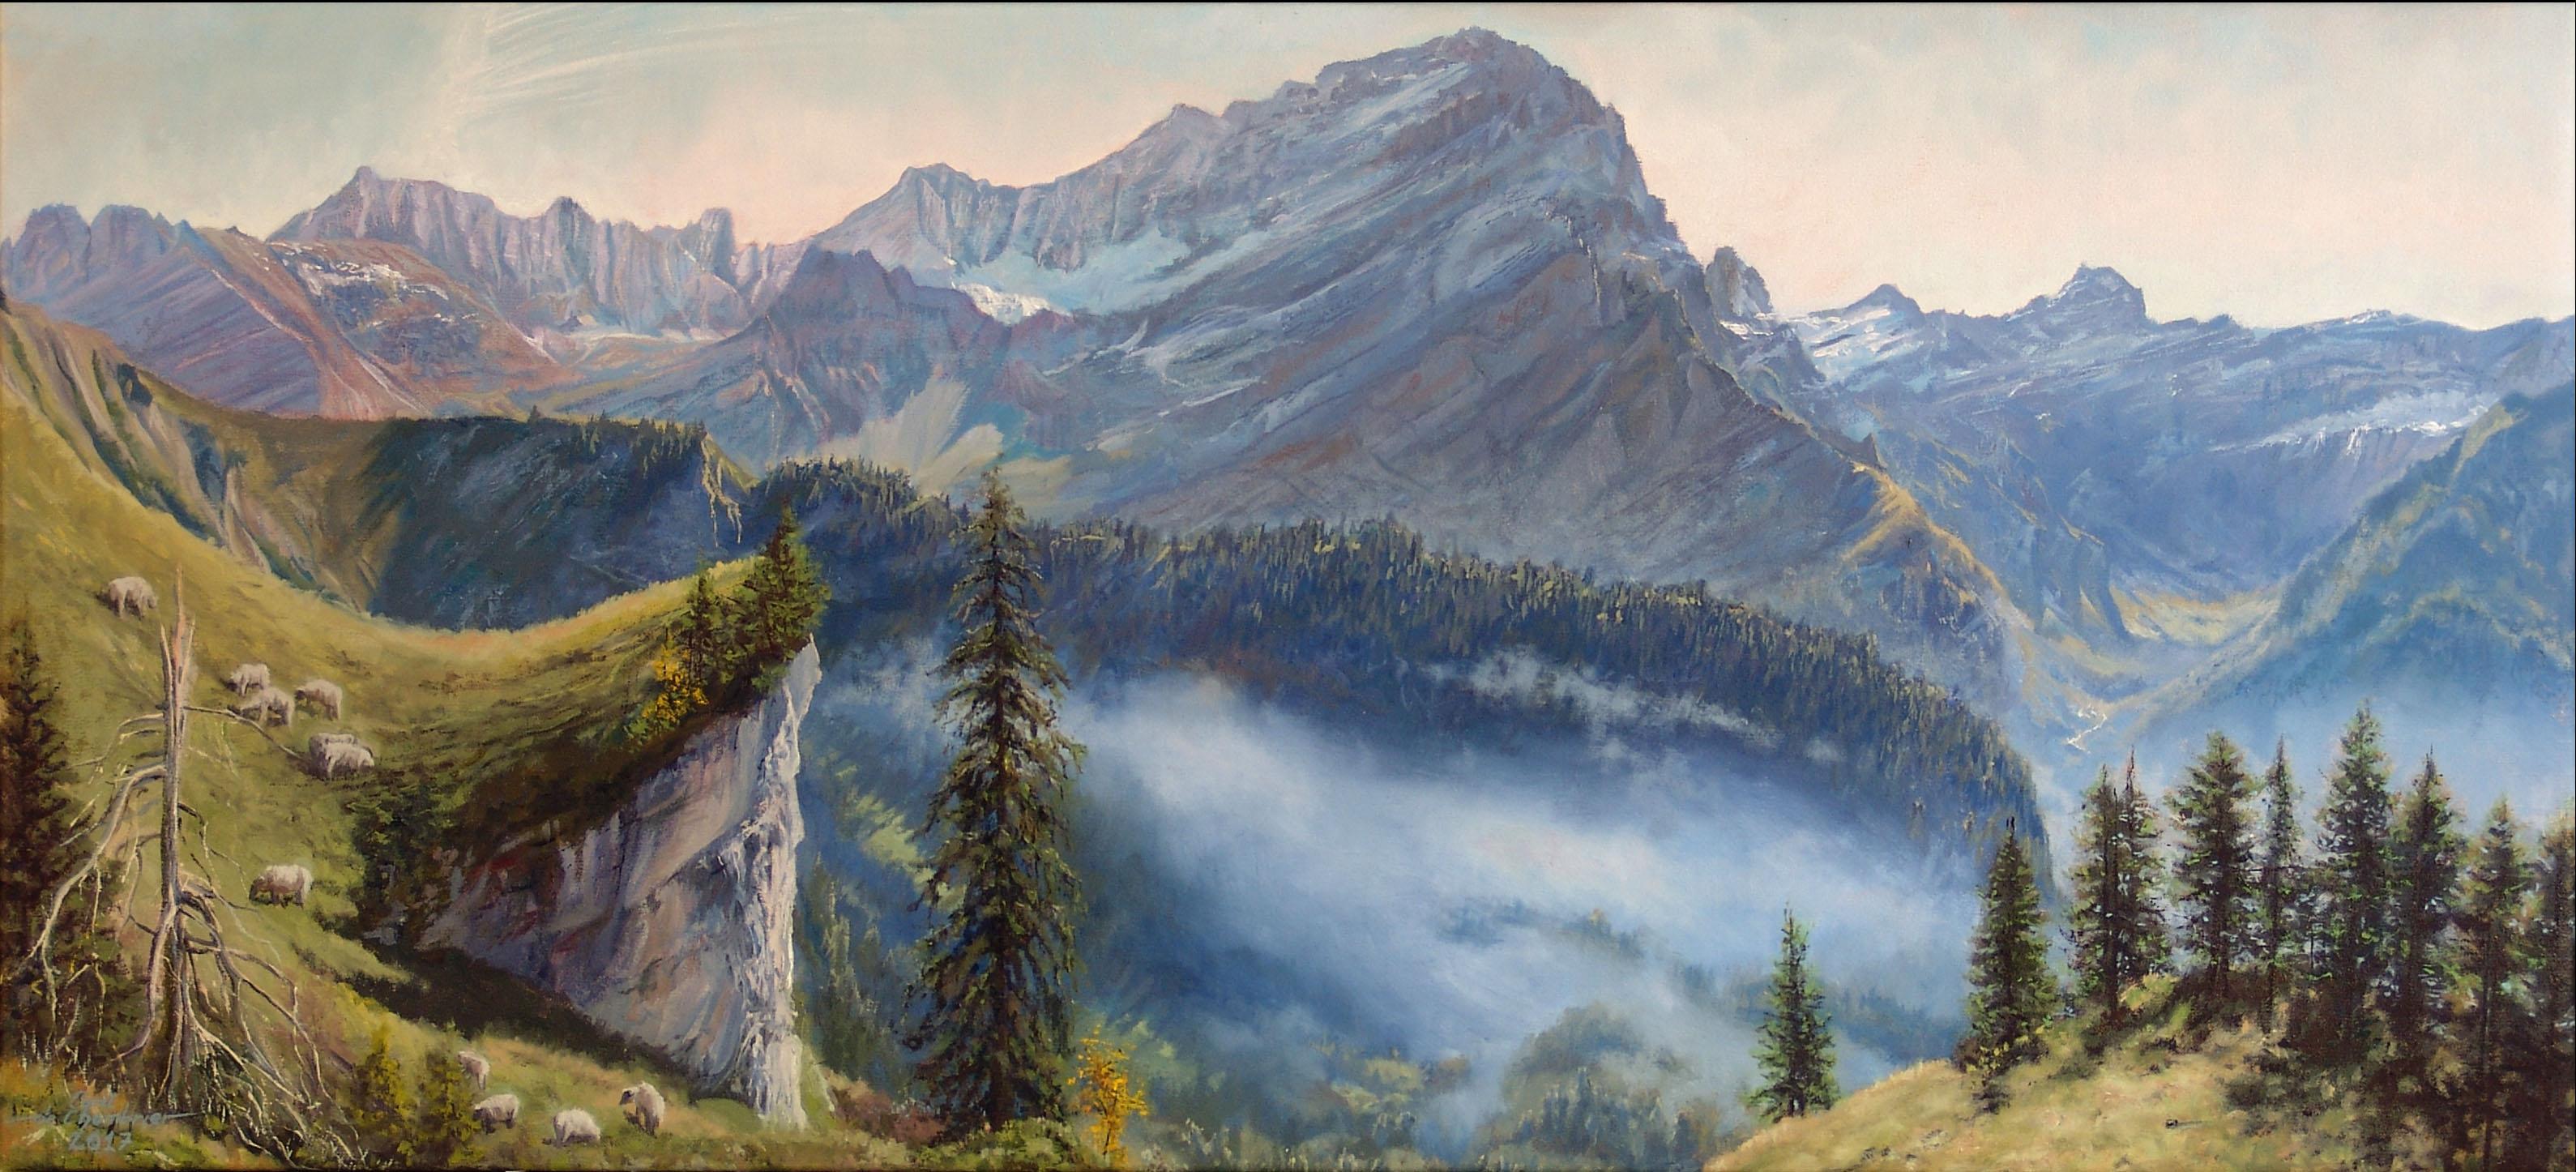 La chaîne des Muverans Huile sur toile 50 x 120 cm Cyril de Chambrier